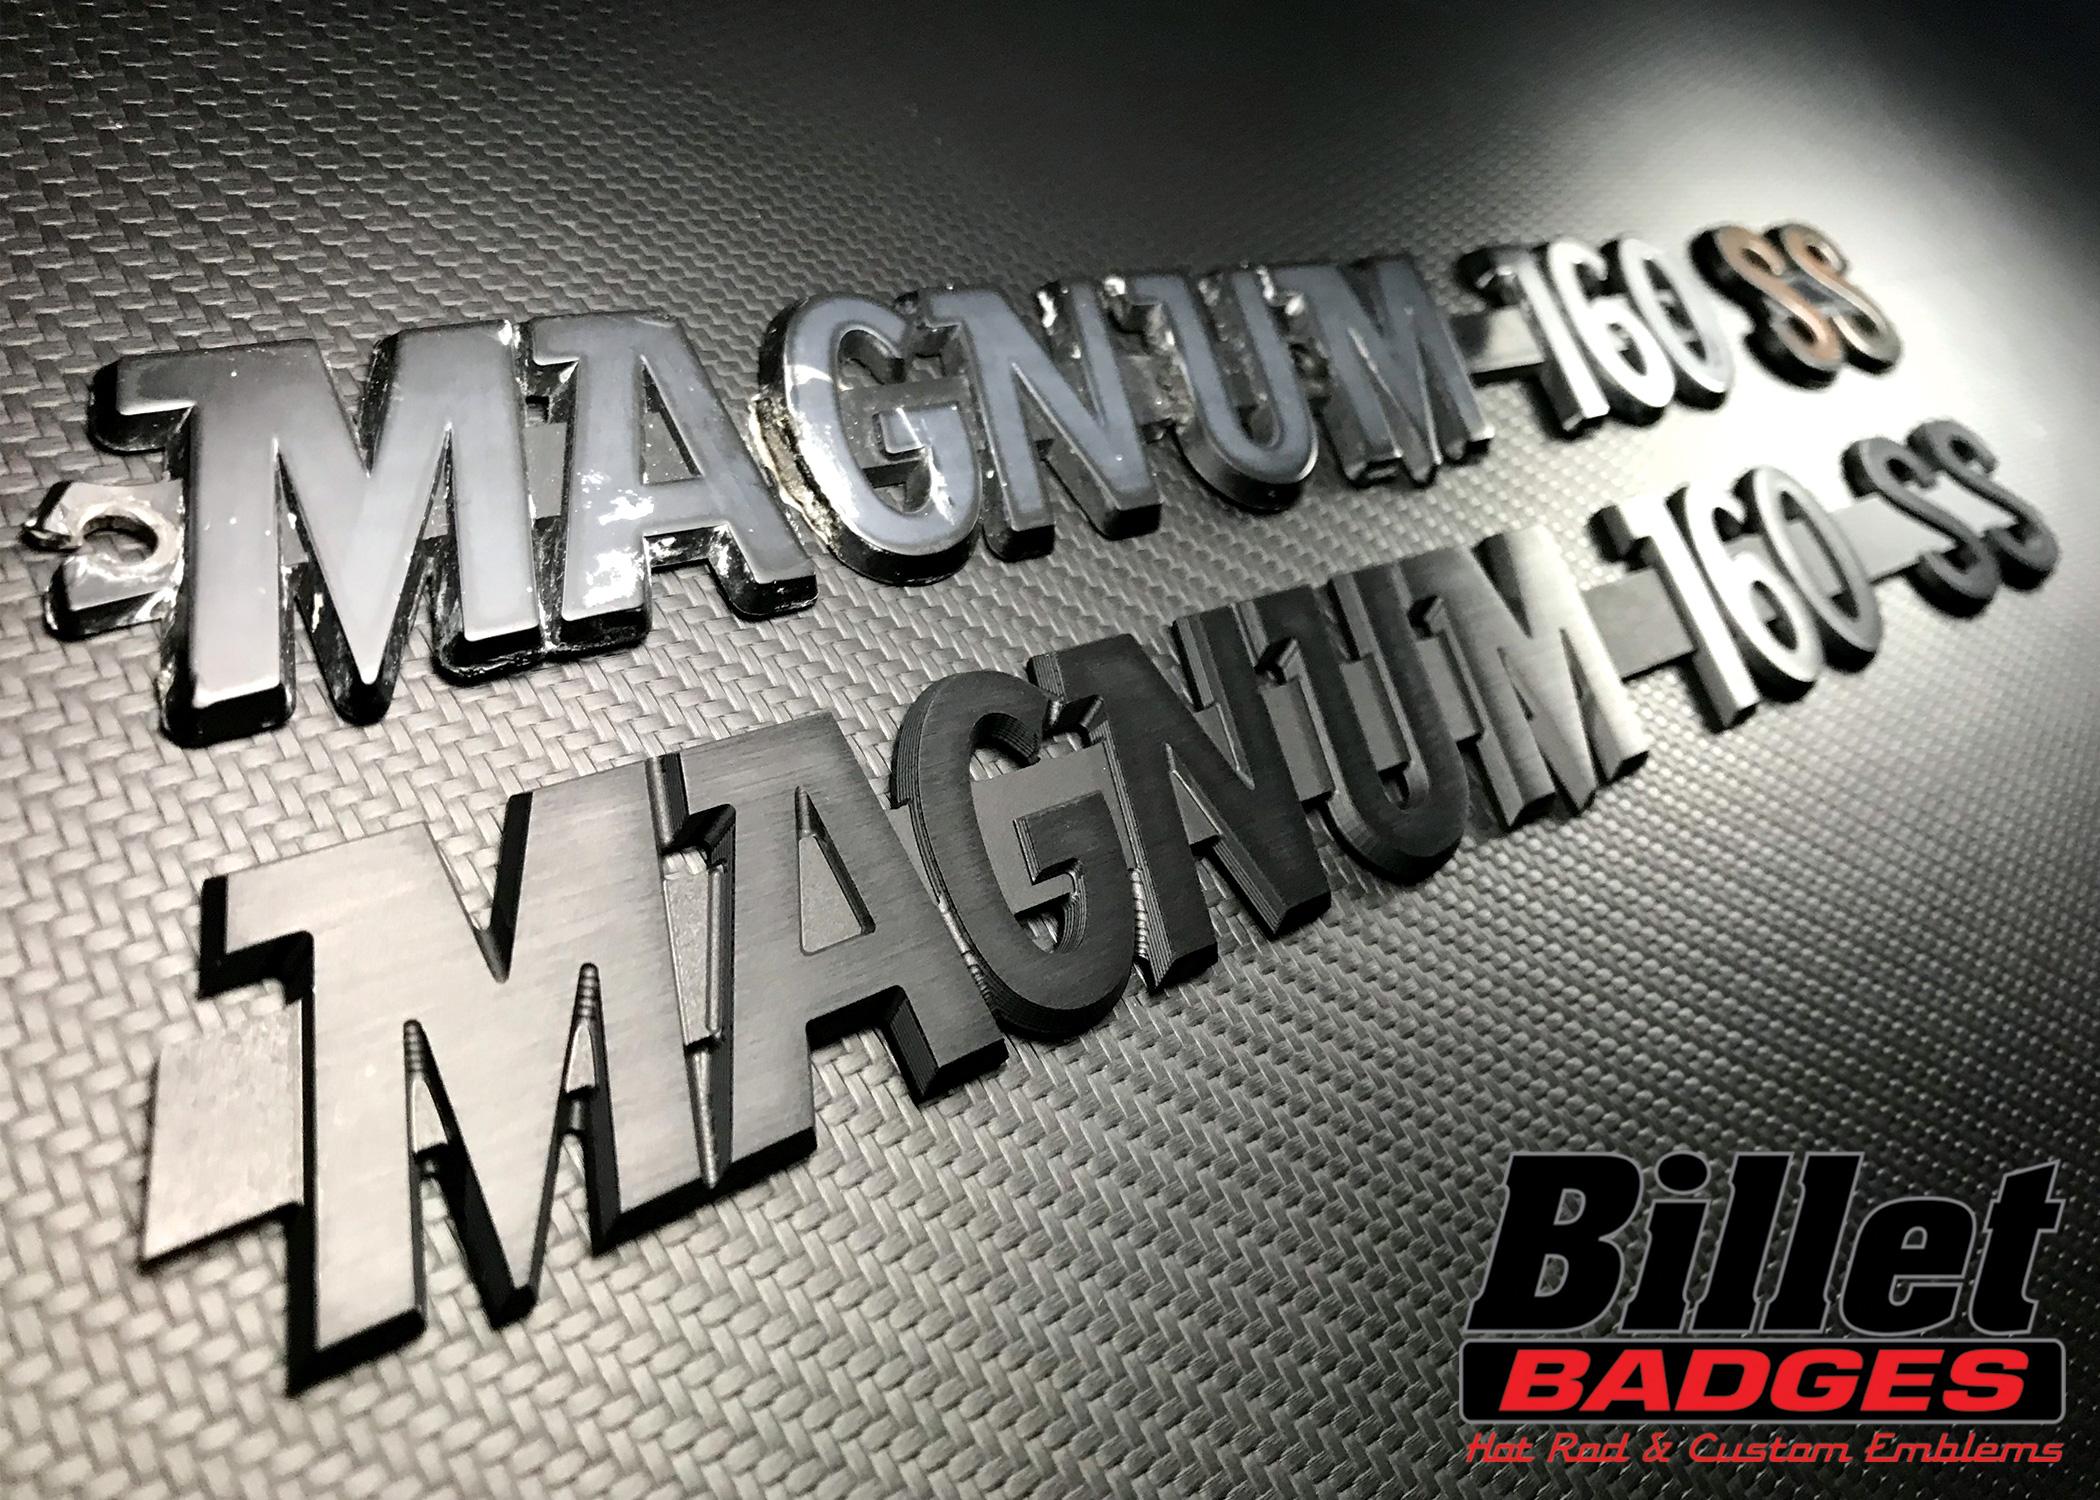 Magnum 160 SS